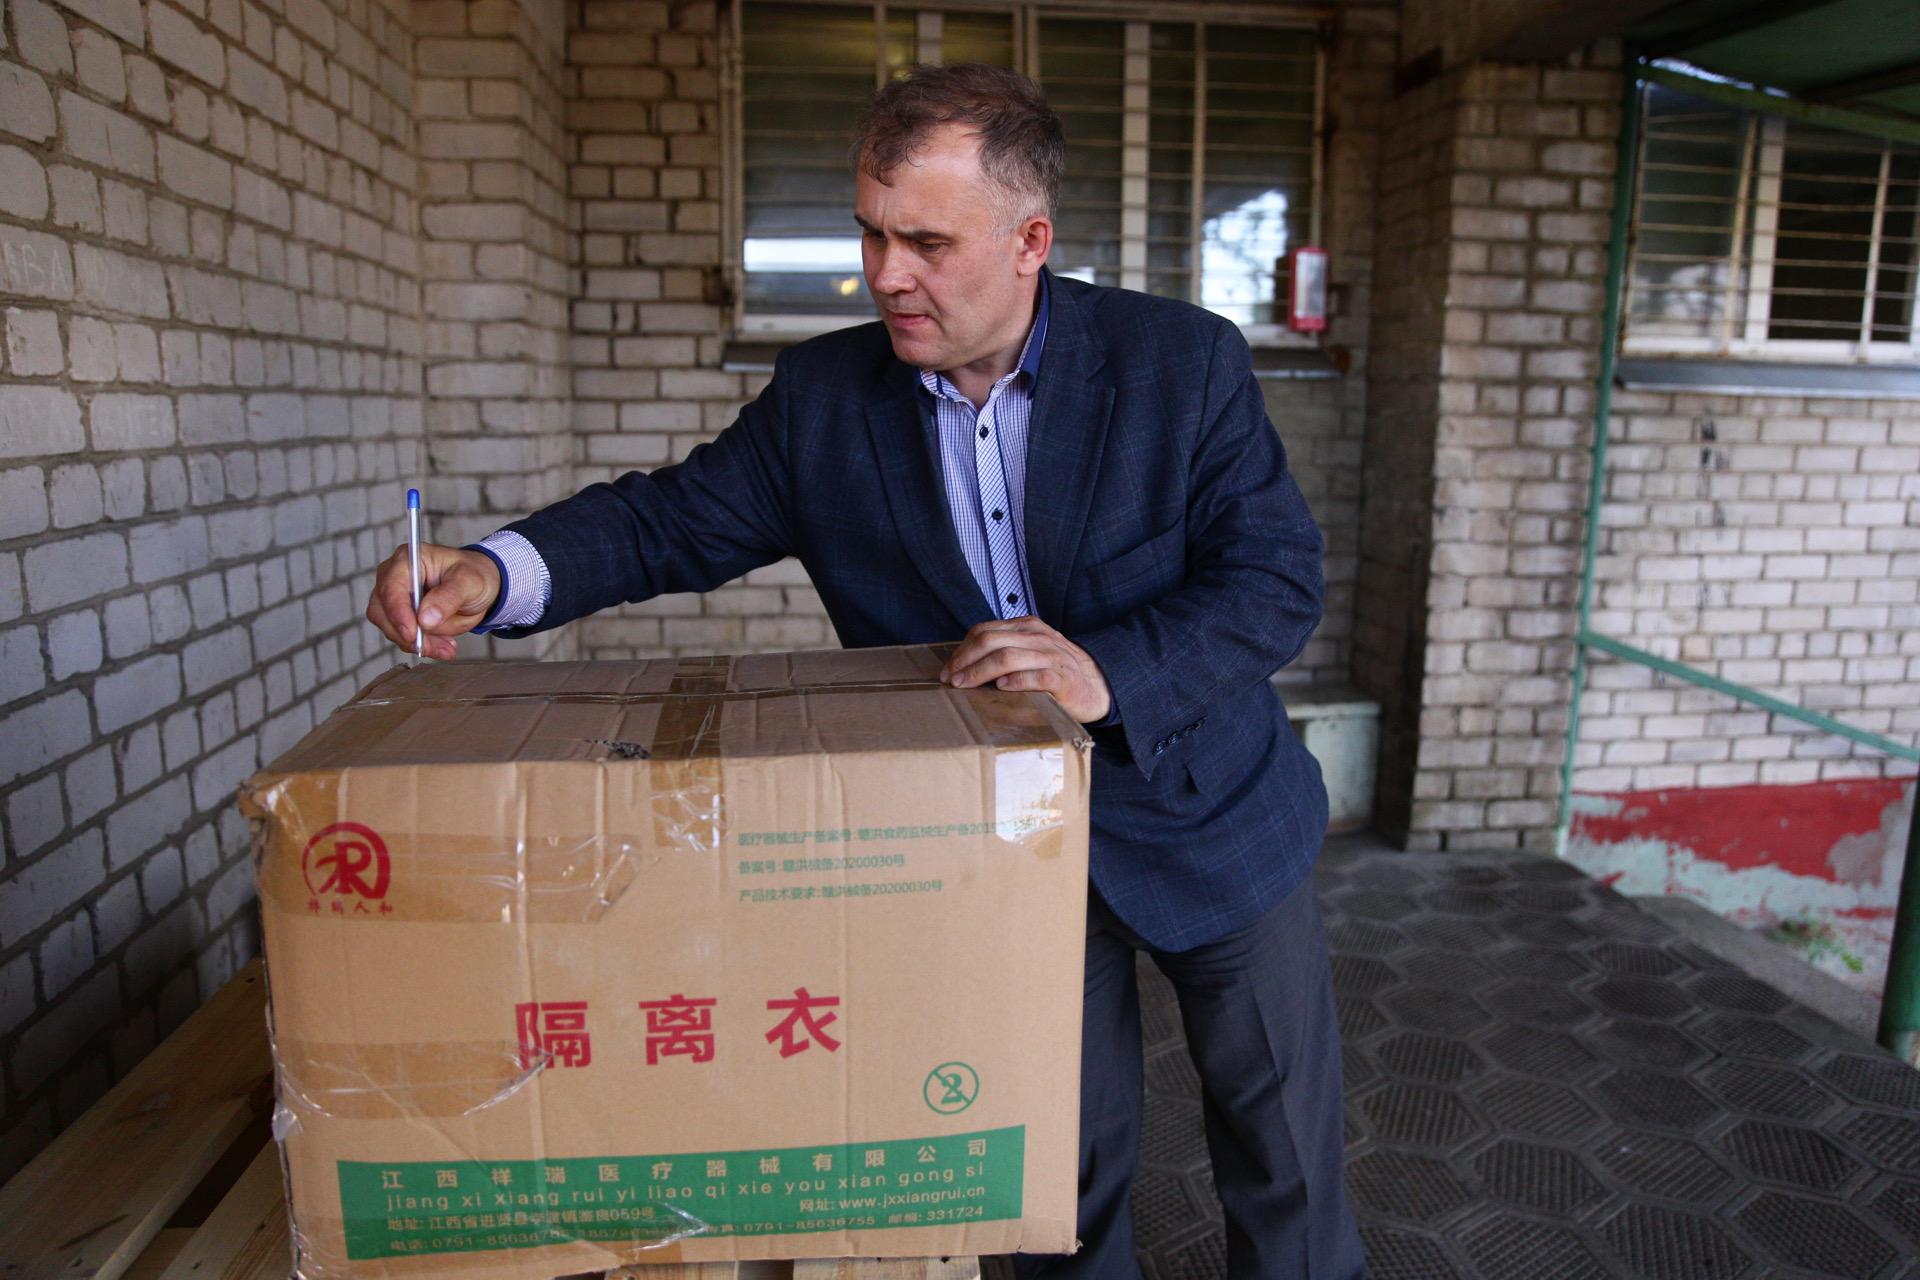 В Тверскую область привезли защитные костюмы для медицинских работников